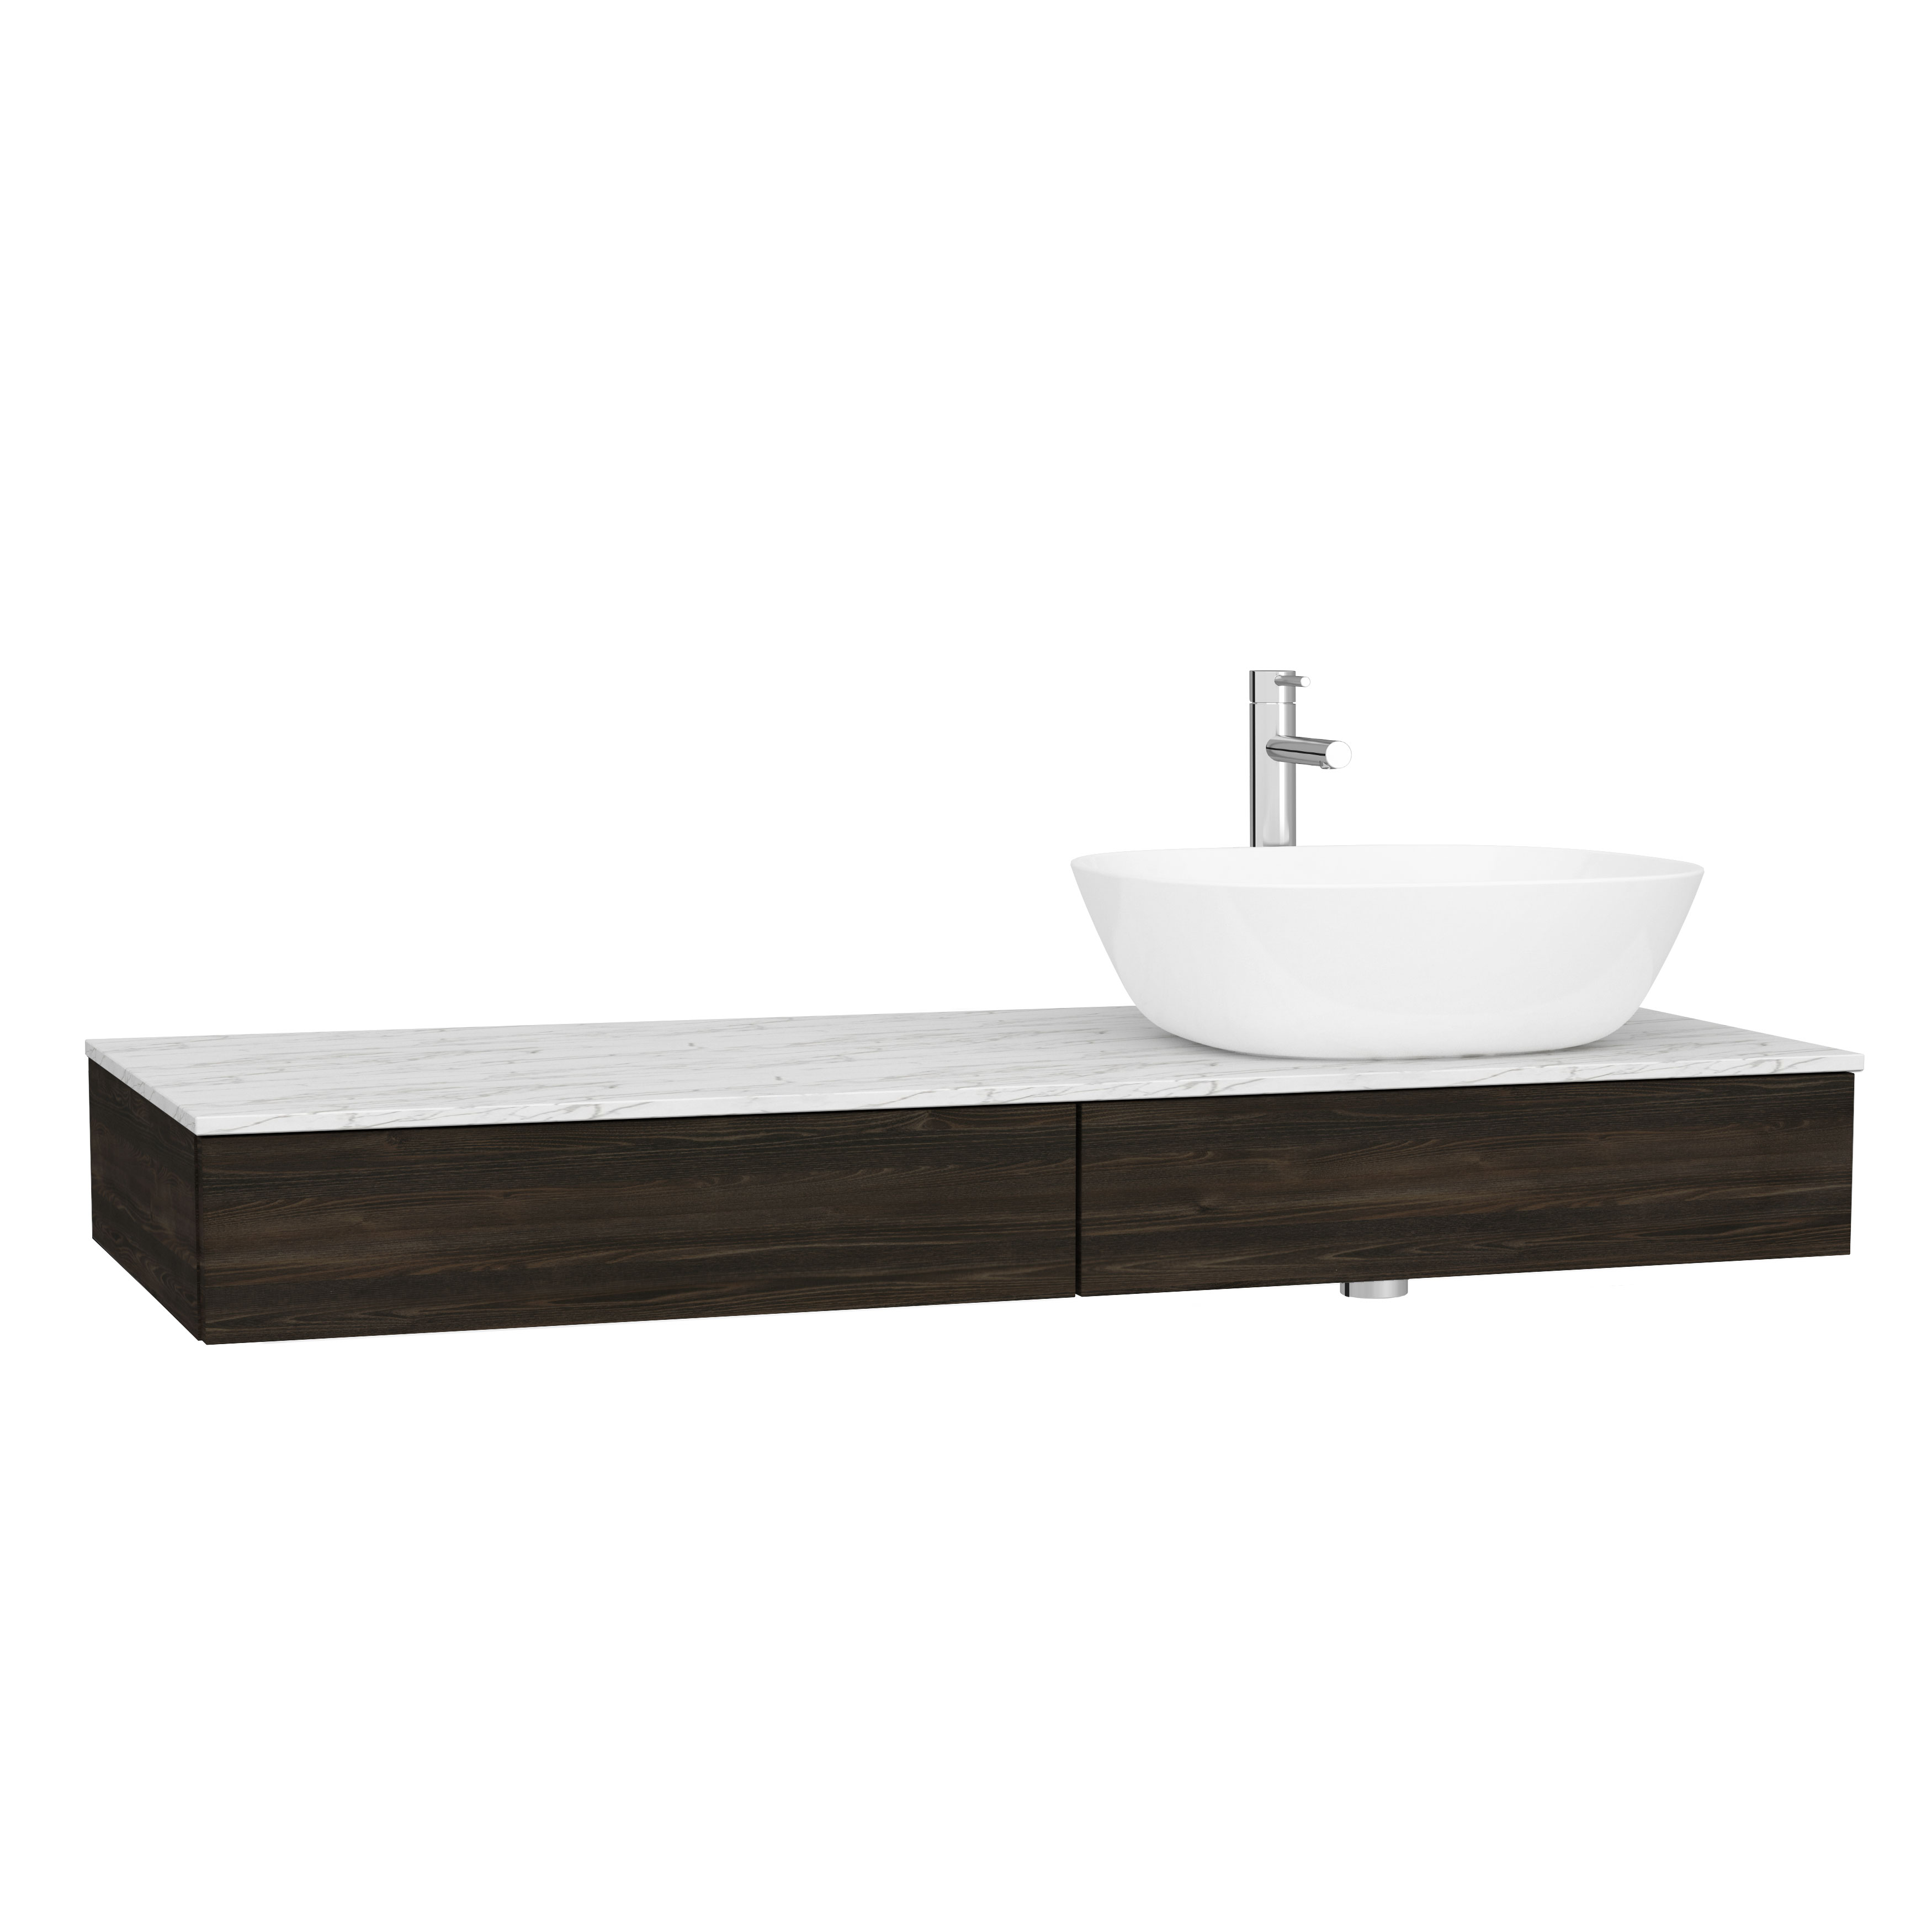 Origin plan de toilette avec tiroir, 120 cm, orme, droite